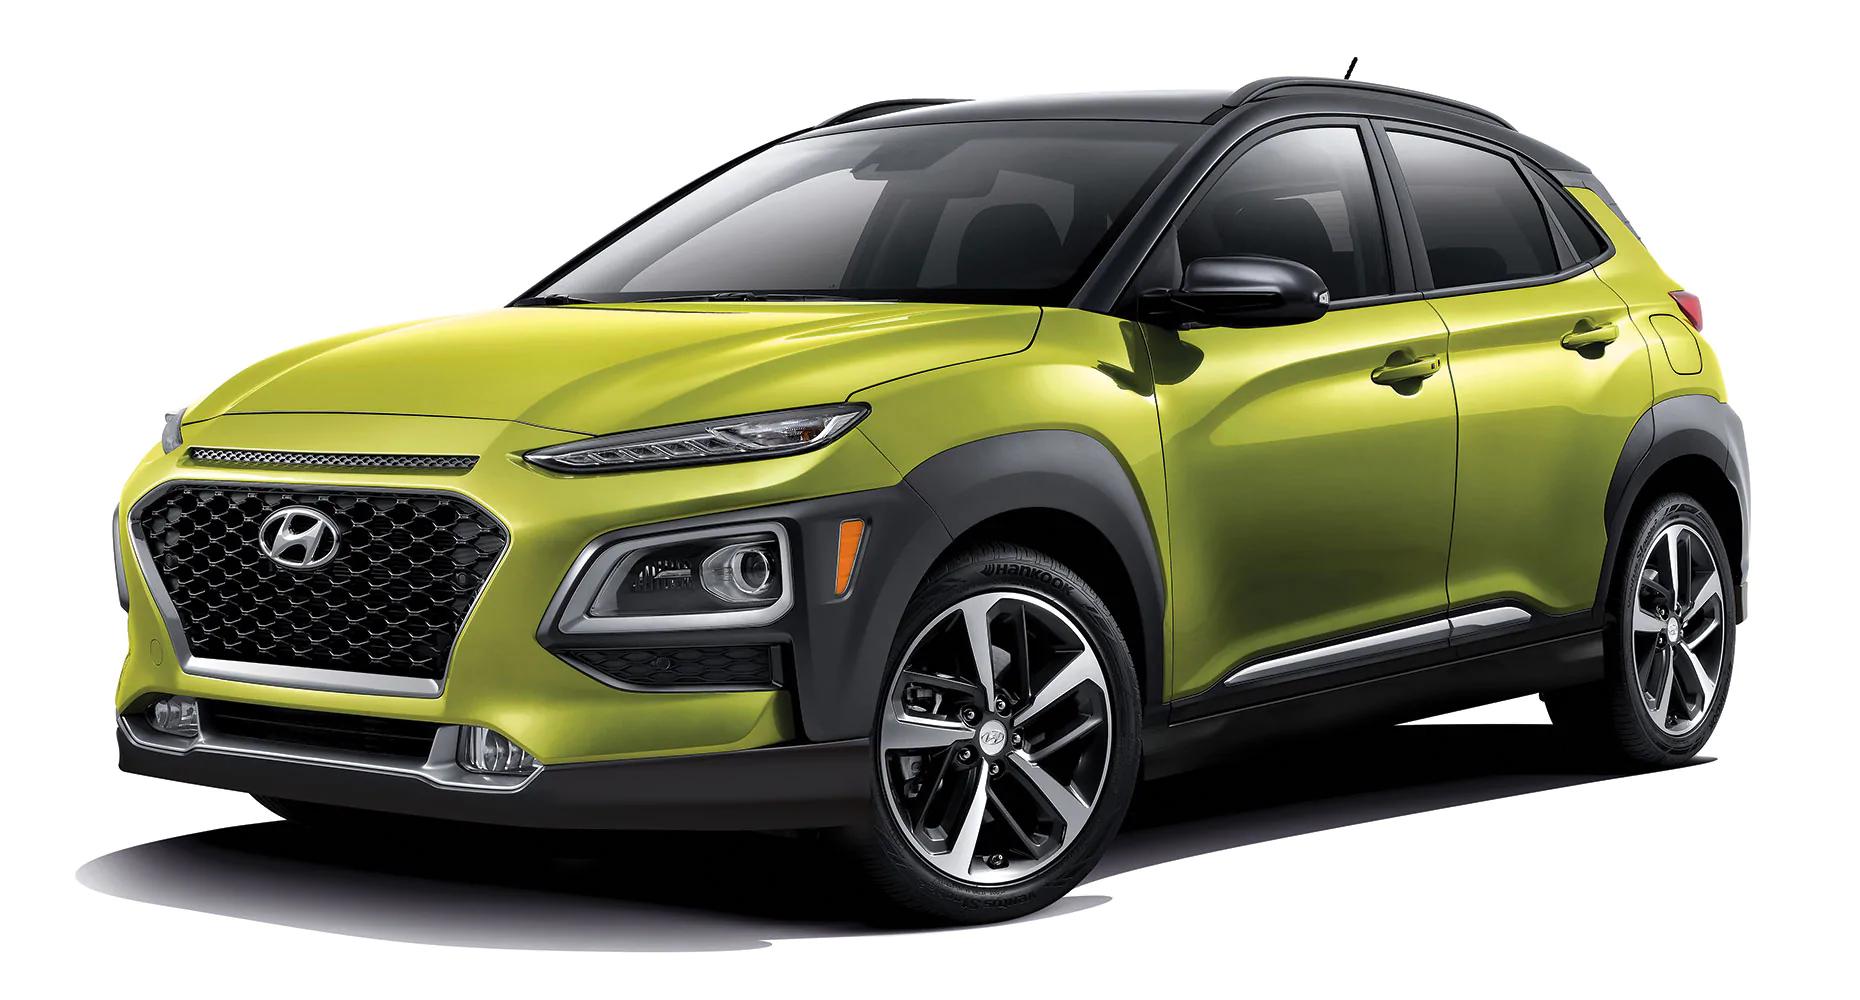 hyundai kona anh 1 - Hyundai Kona mới: giá xe và khuyến mãi tháng [hienthithang]/[hienthinam]